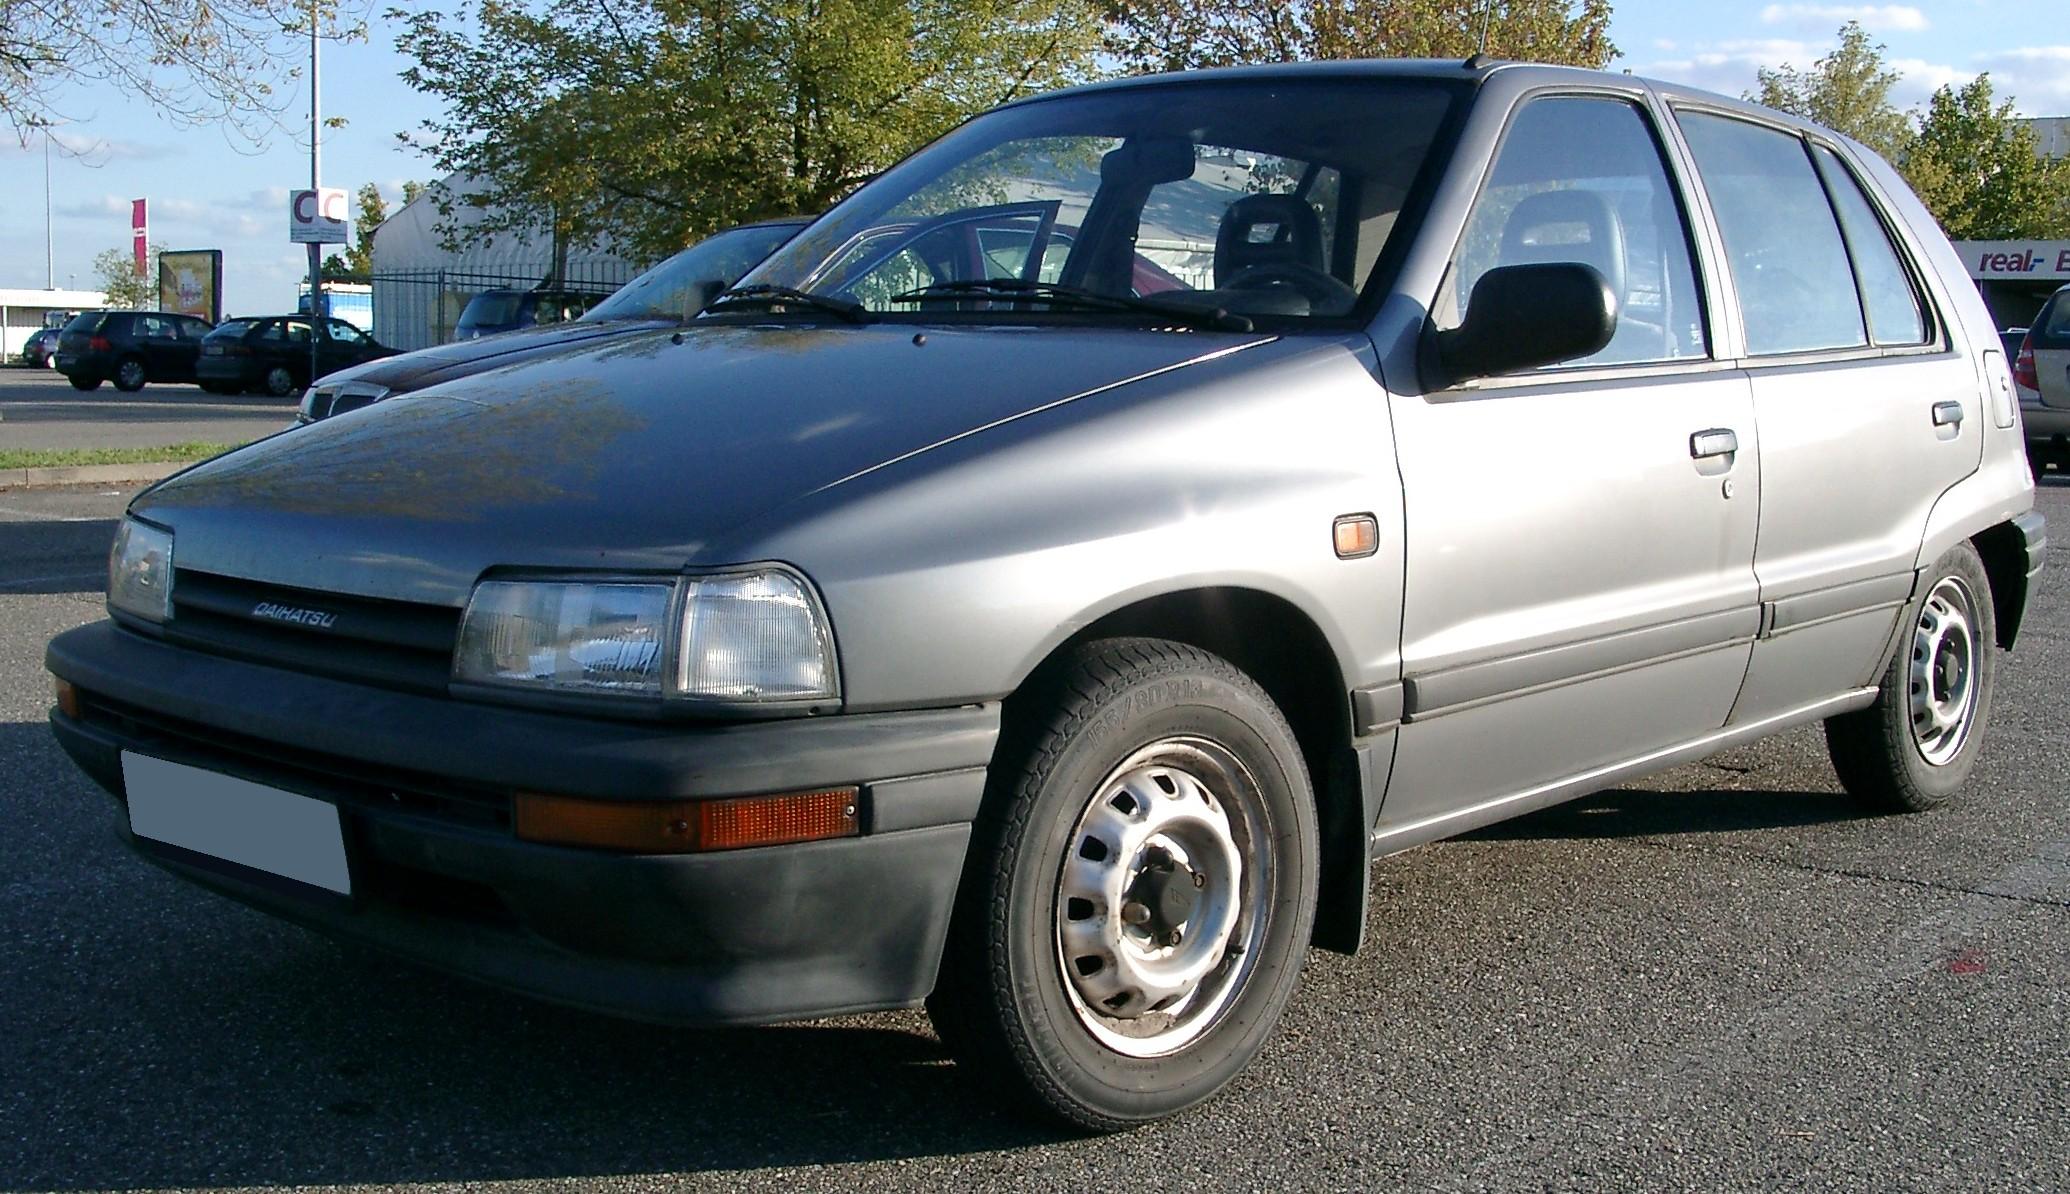 Daihatsu Charade 1993 Exterior Front Side View